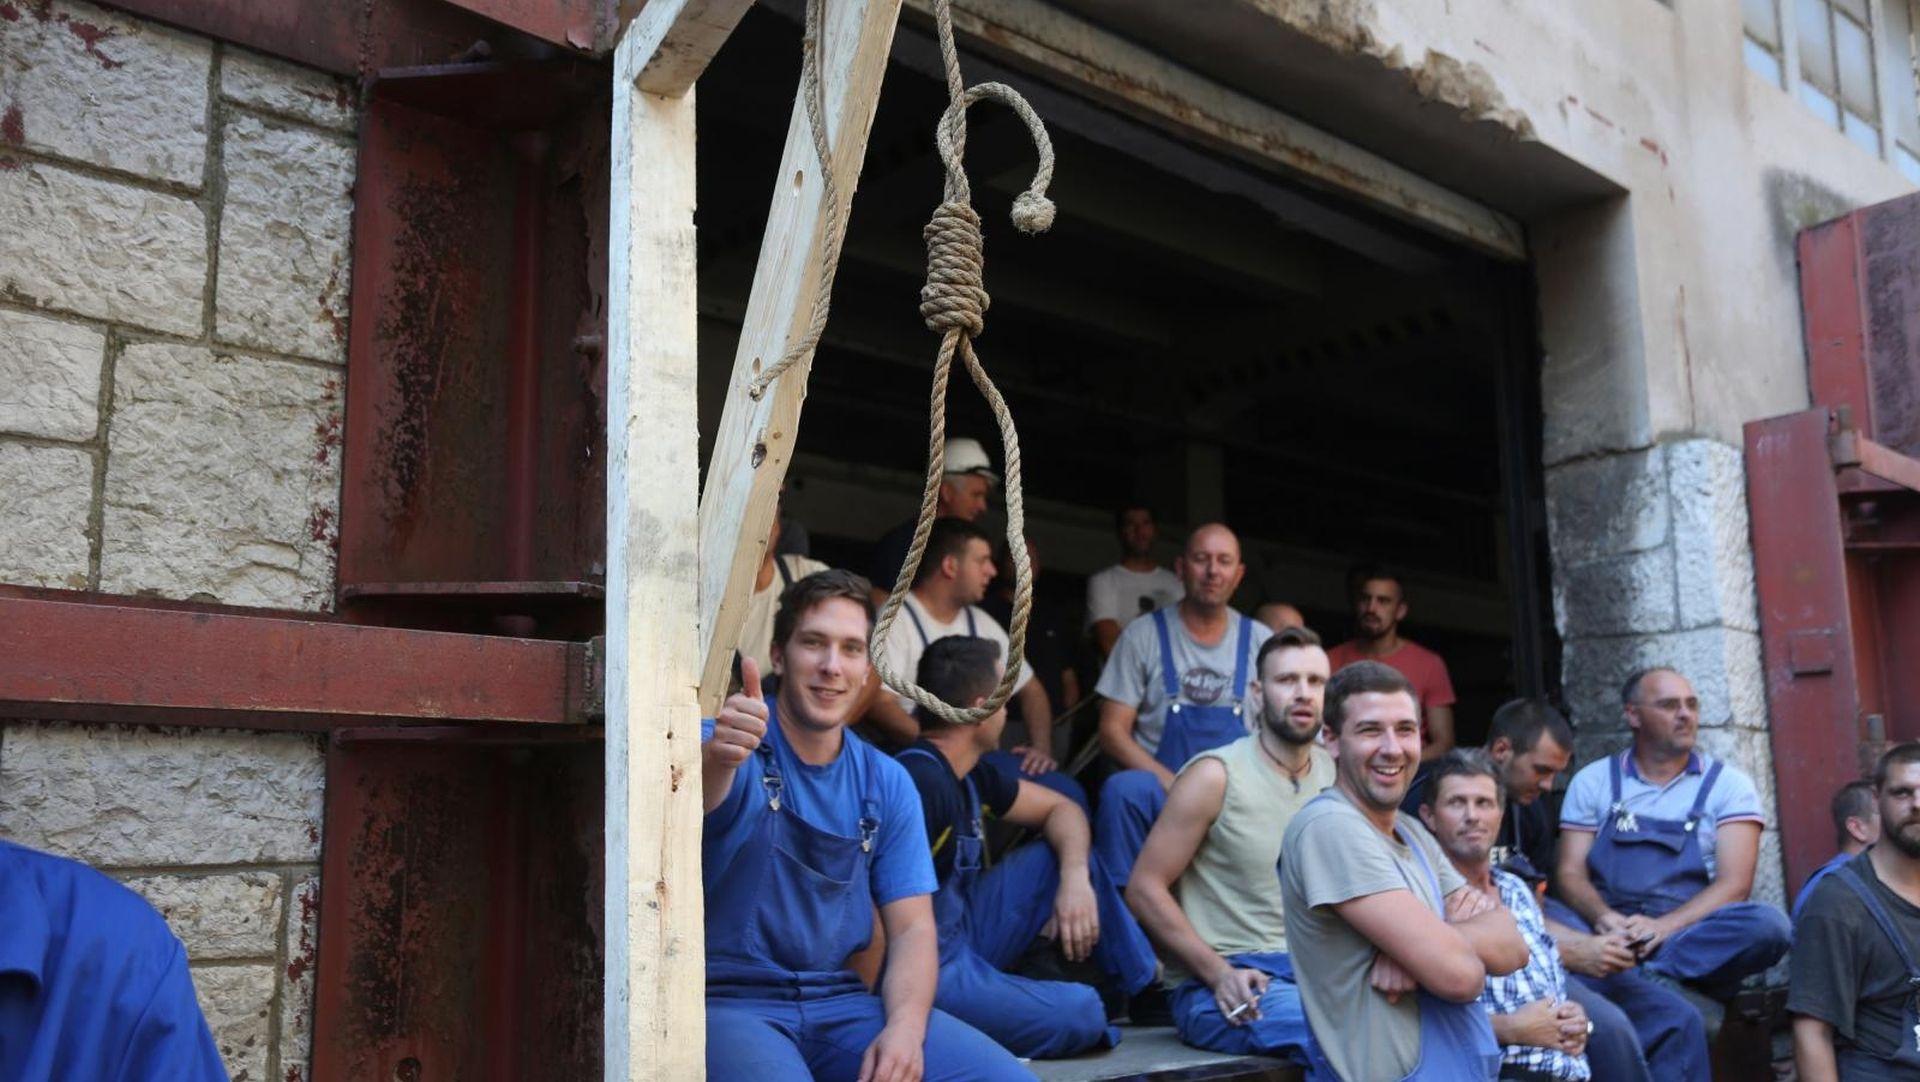 FOTO: Radnici 3. maja postavili vješala u brodogradilištu